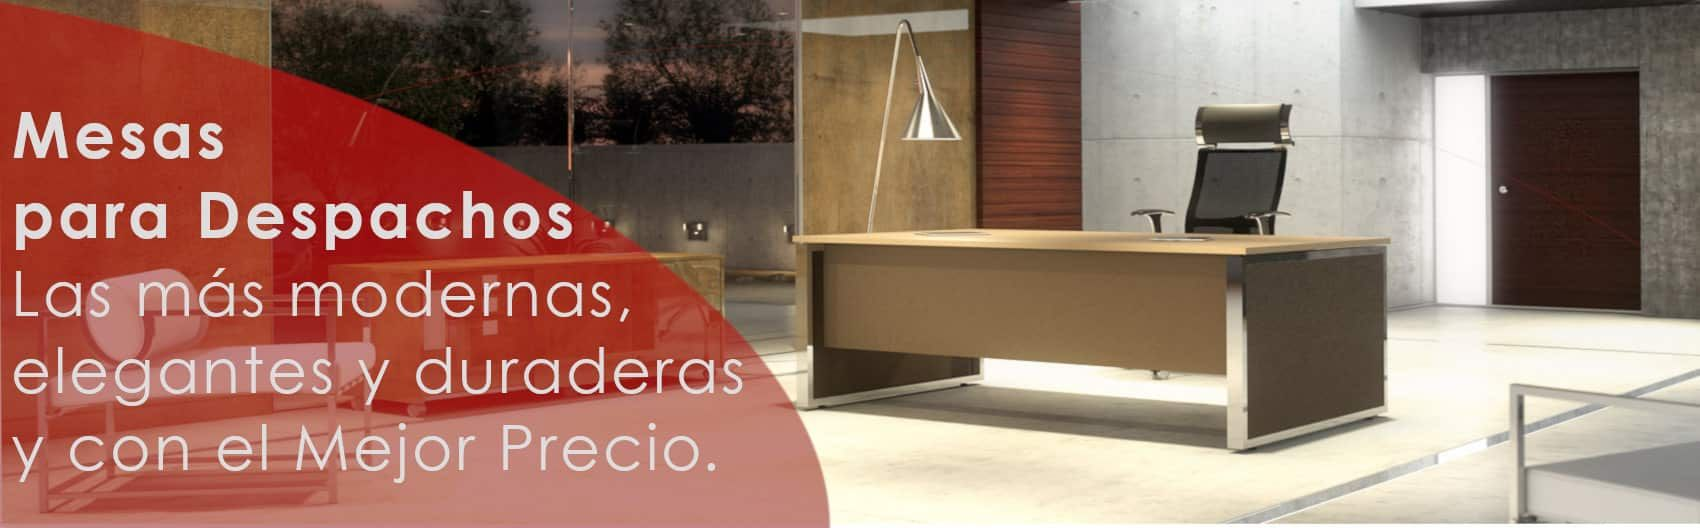 Elegantes Escritorios De Oficina Modernos.Venta De Muebles Y Mobiliario De Oficina Online Officinca